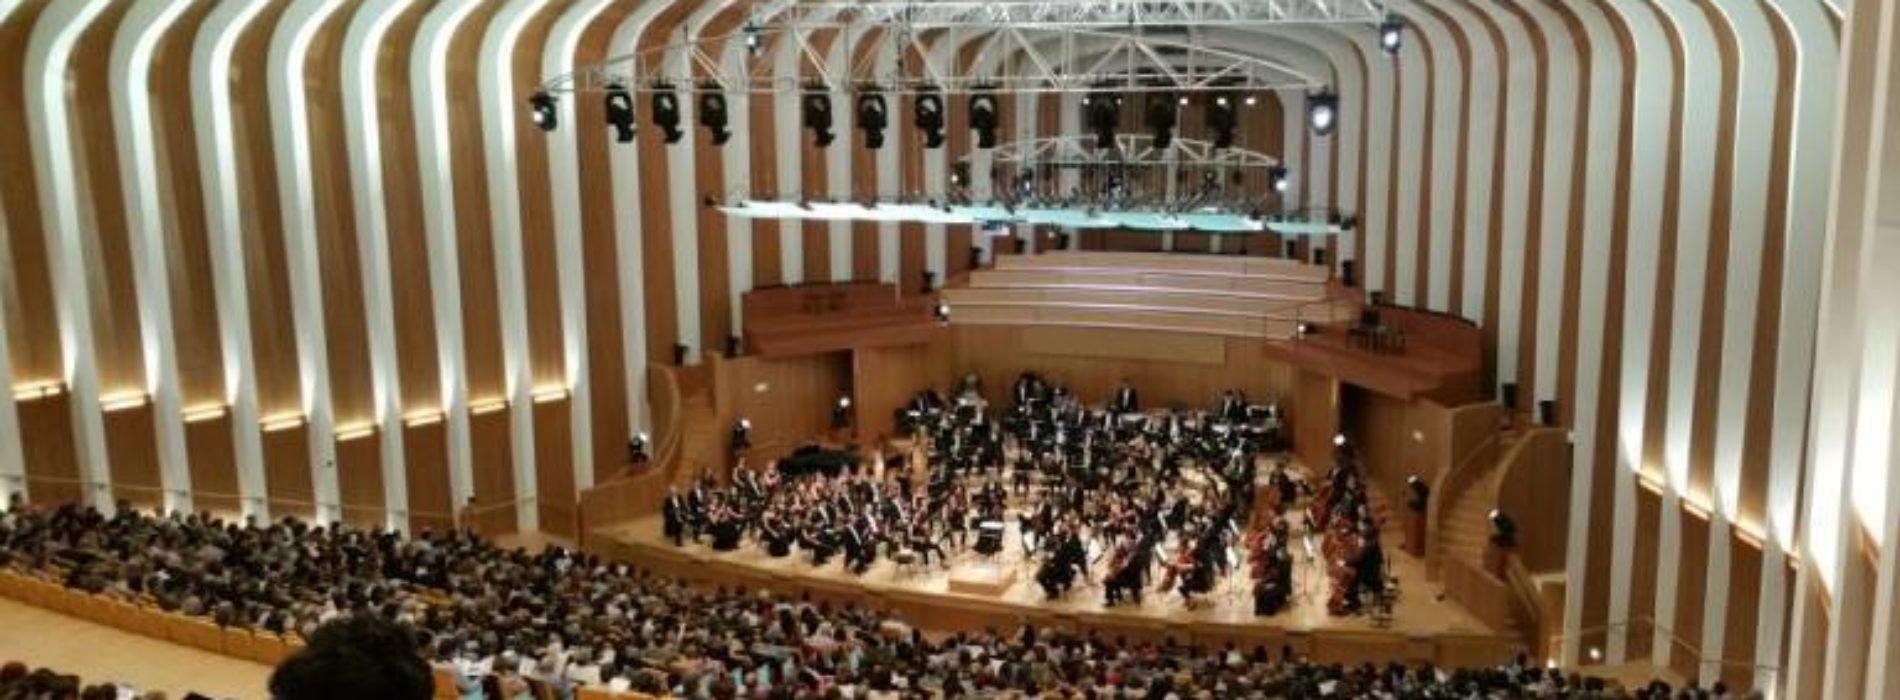 La Orquesta Sinfónica de Sant Joan gana el certamen de la Comunidad Valenciana.